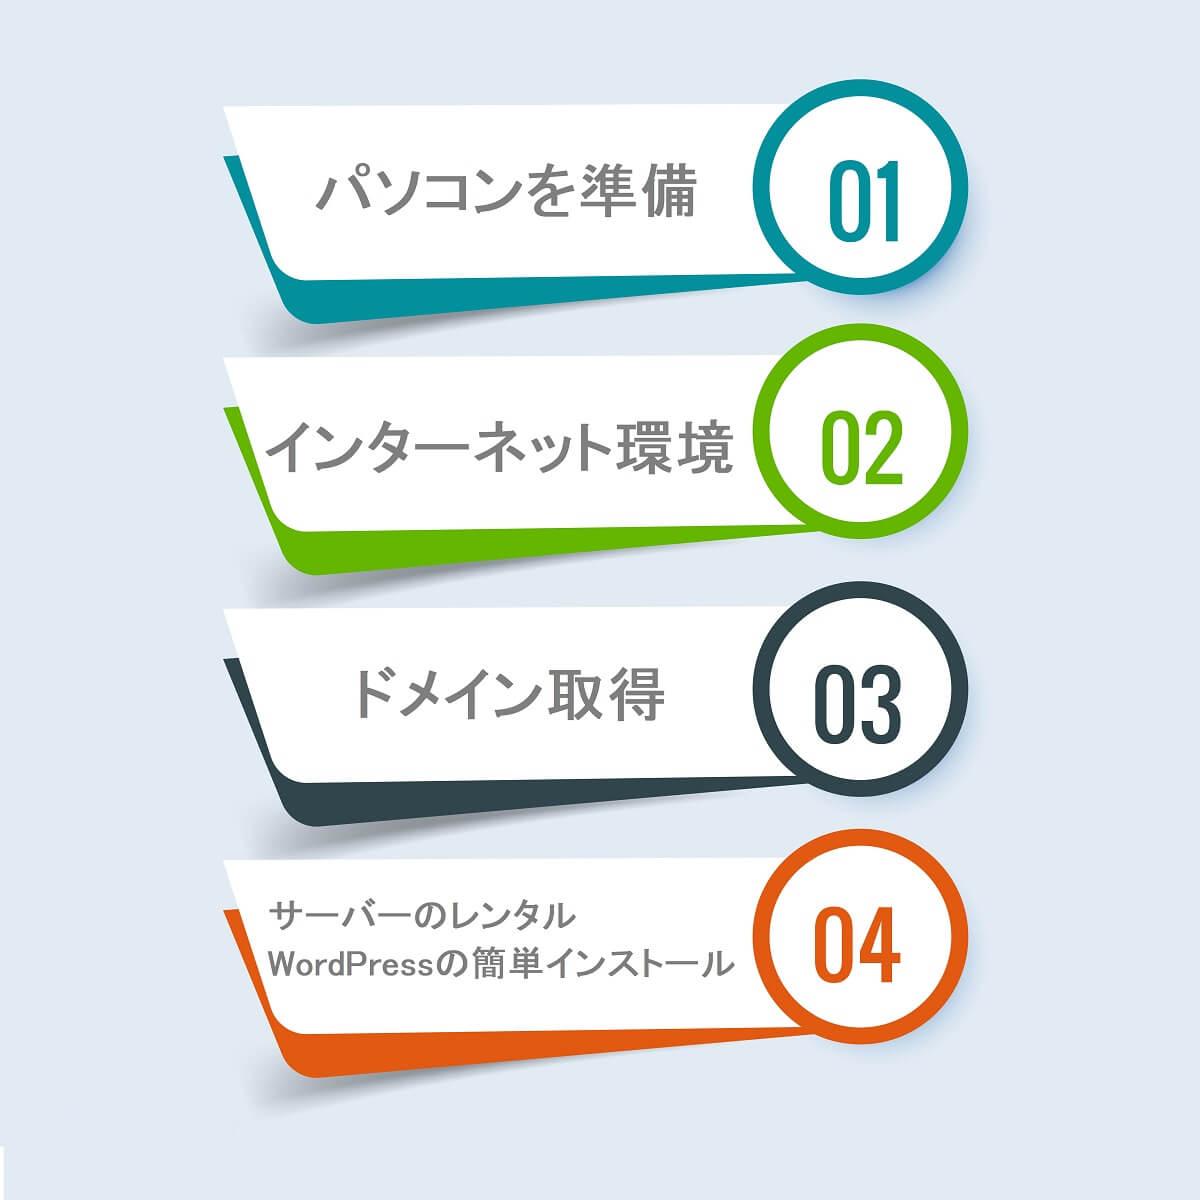 ブログに必要なもの。簡単4ステップ。